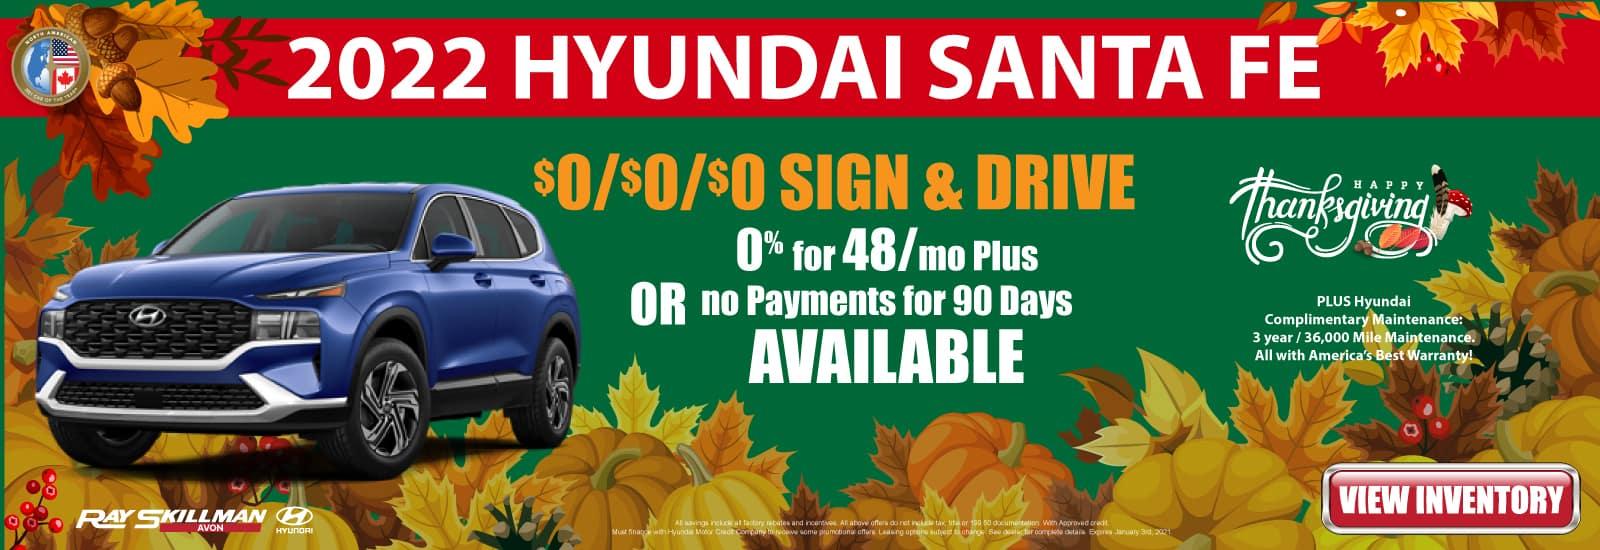 2022-Hyundai-Santa-Fe-Web-Banner-1600×550